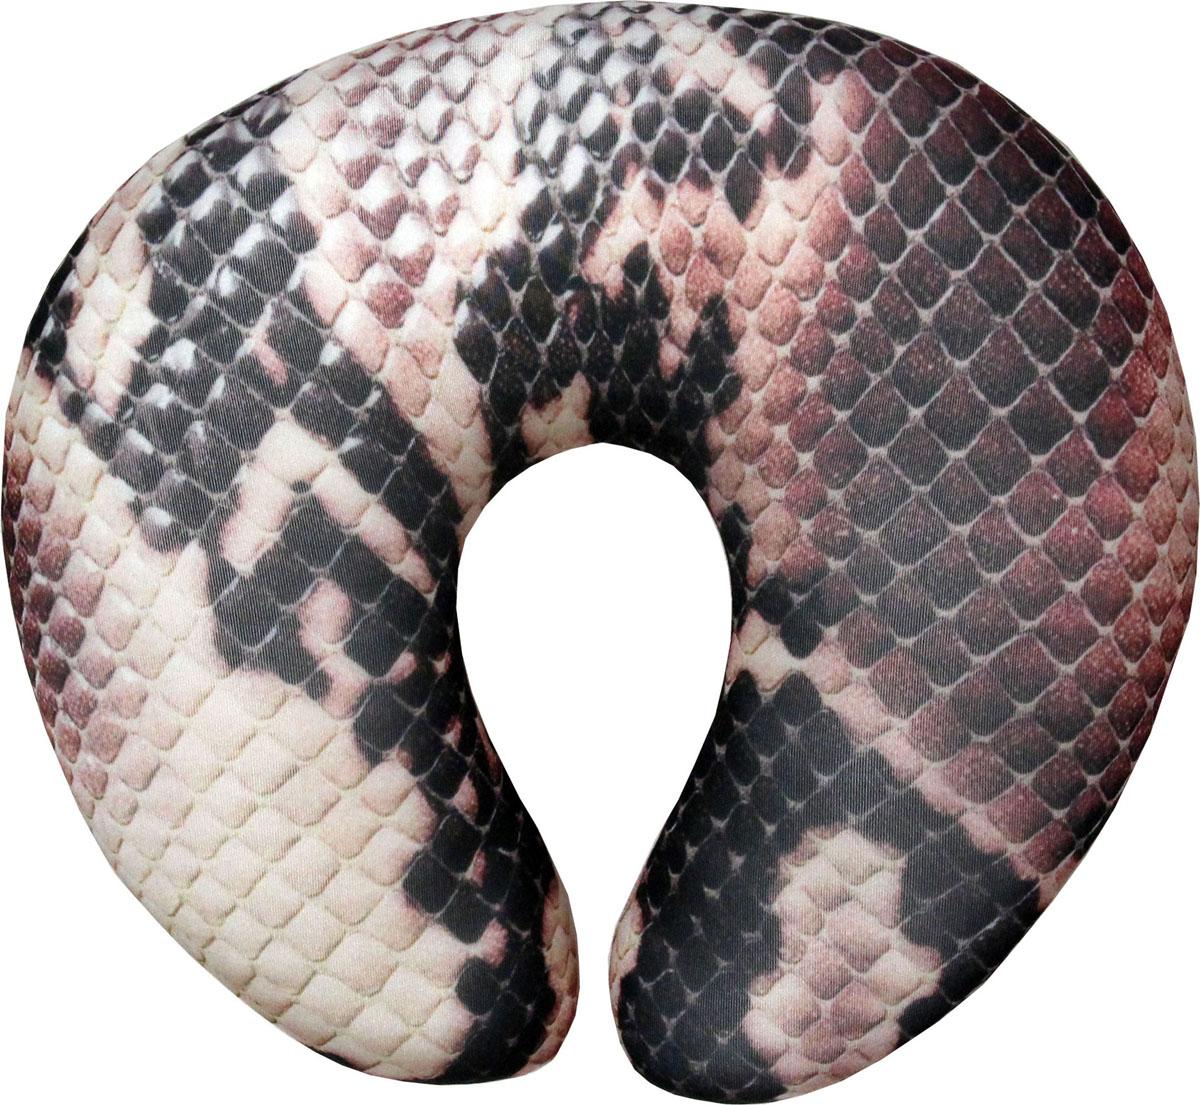 Подушка-антистресс для шеи Дикая природа. Змея, 30 х 27 см подушка антистресс для шеи армейский 30 х 27 см 16асп32ив 1